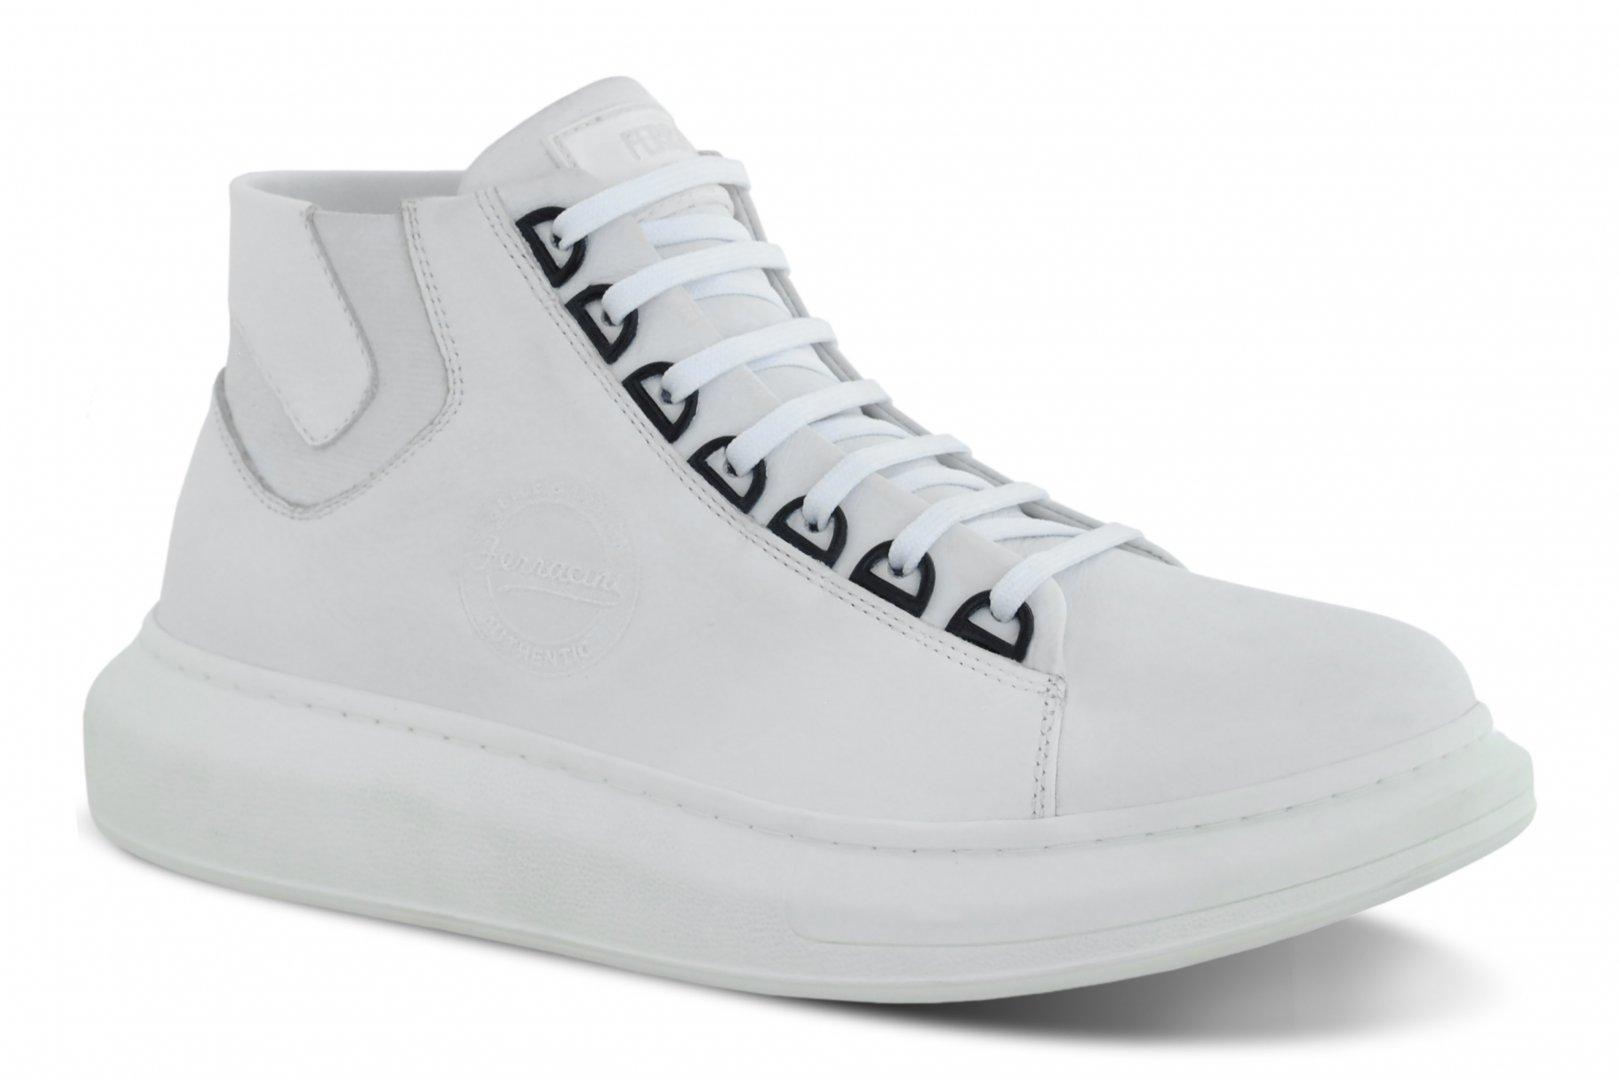 Couromoda 2020: Setor calçadista se rende ao conforto fashion pautado por mudança de comportamento do consumidor